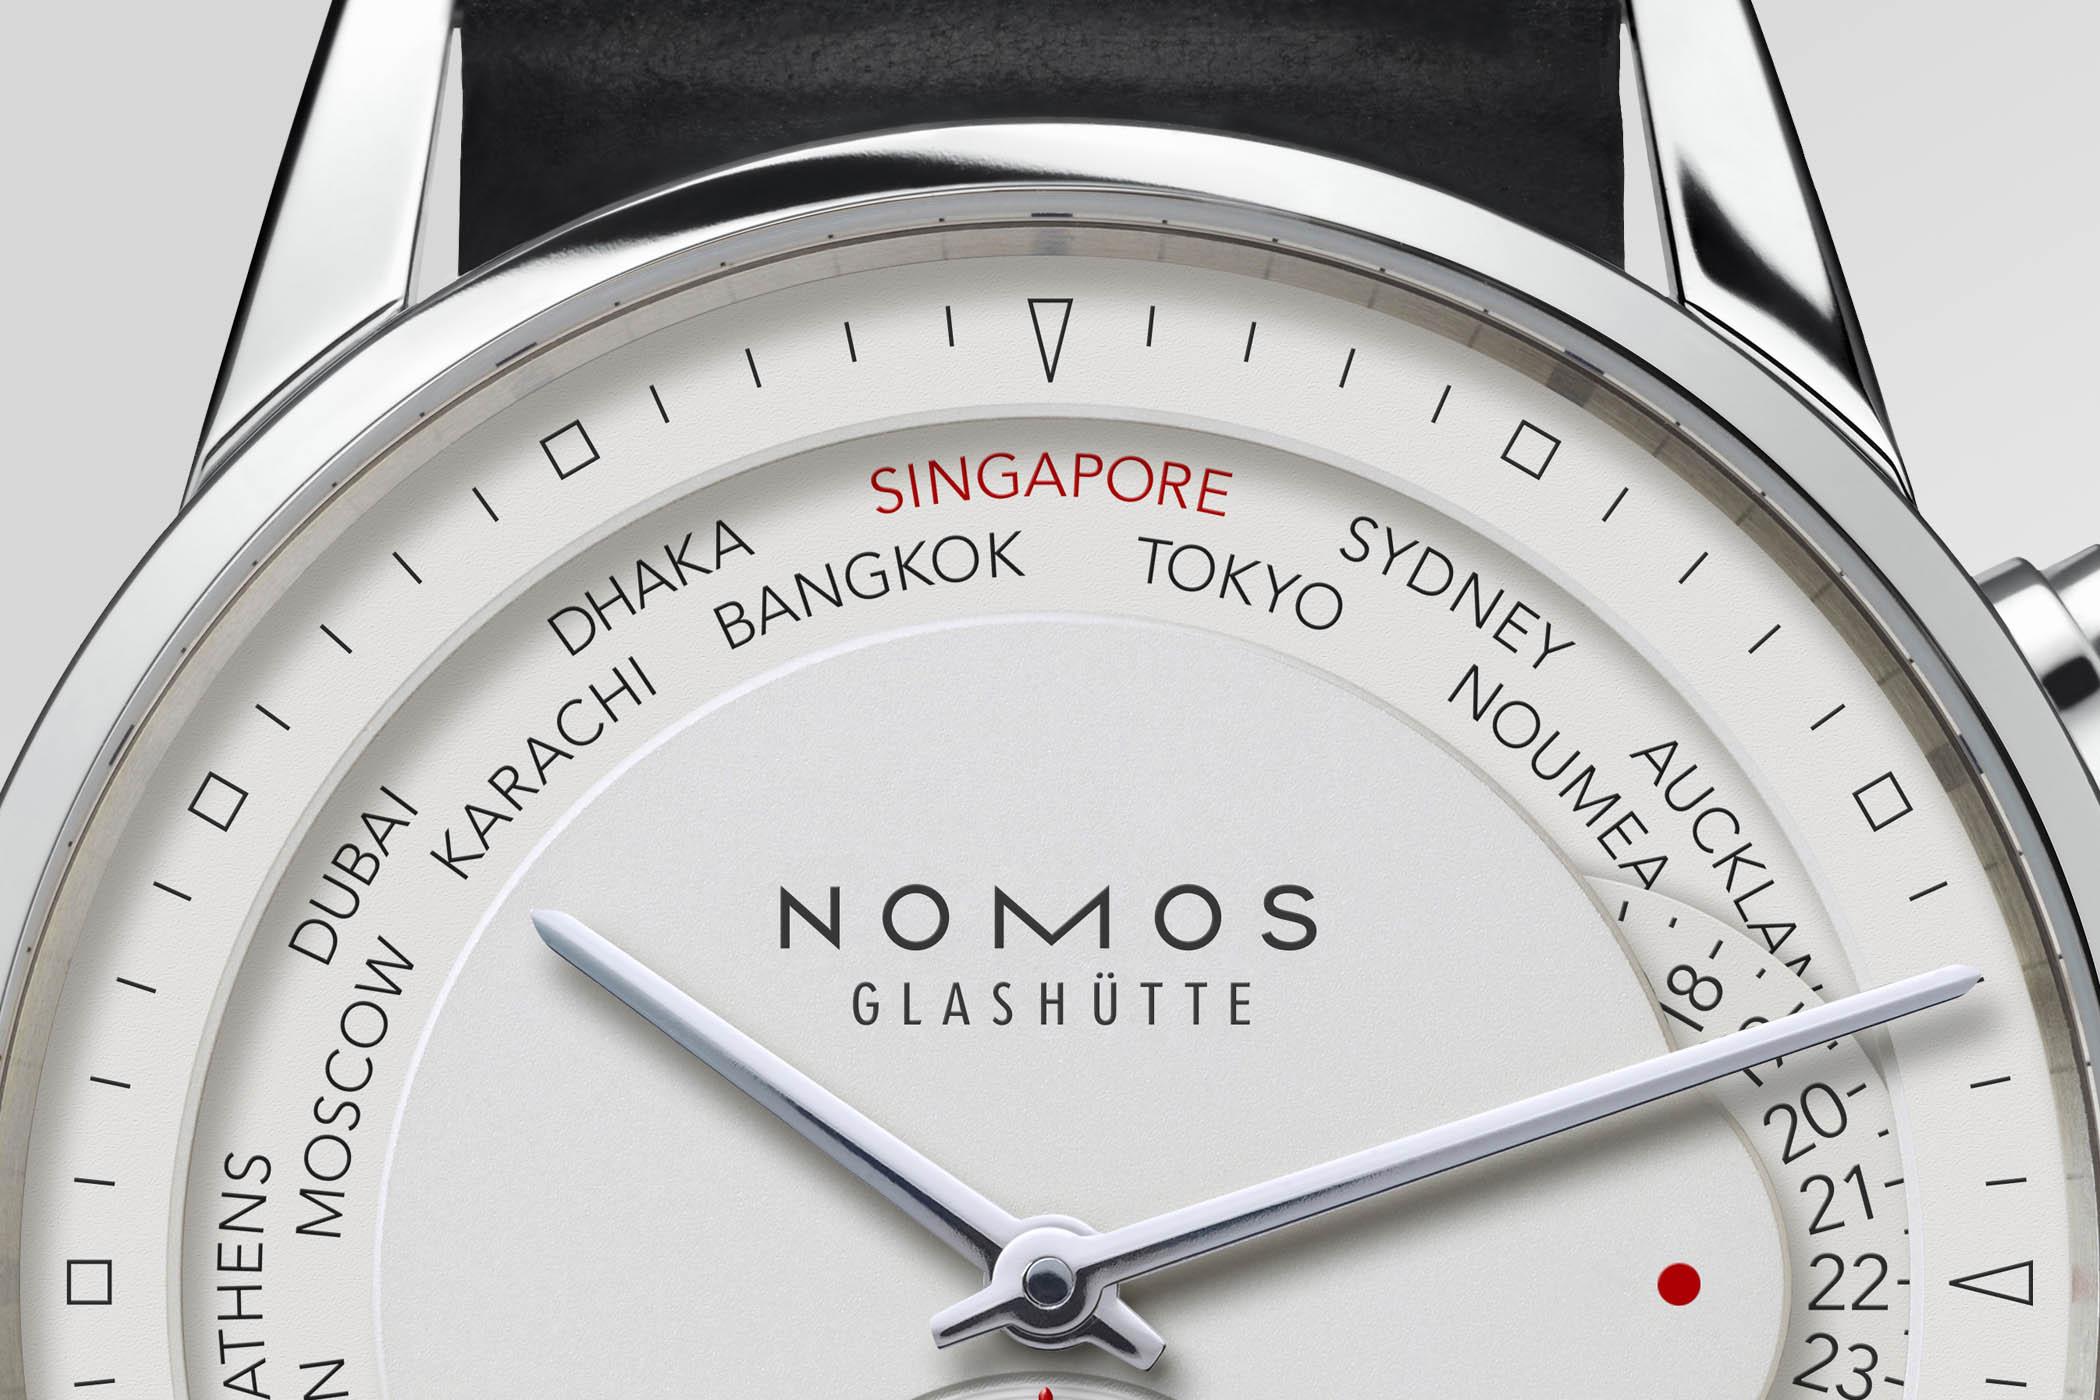 Nomos Zurich Weltzeit Limited Edition Singapore